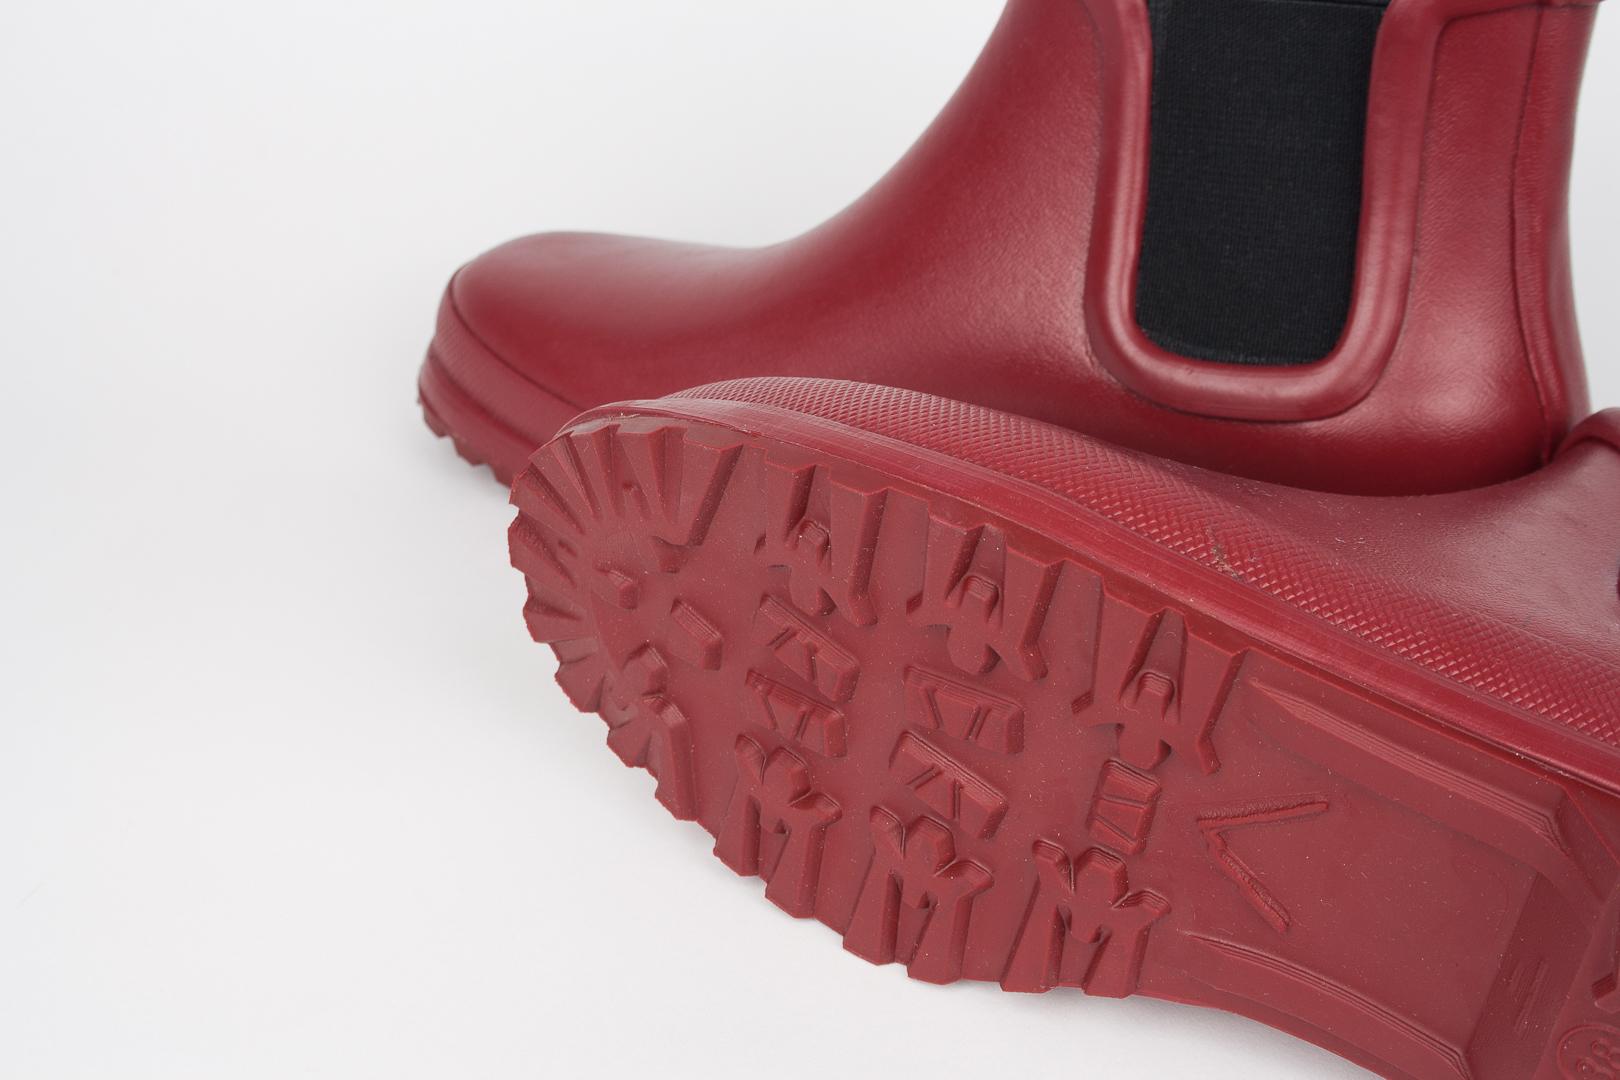 Chelsea rubber boot 317 BORDO